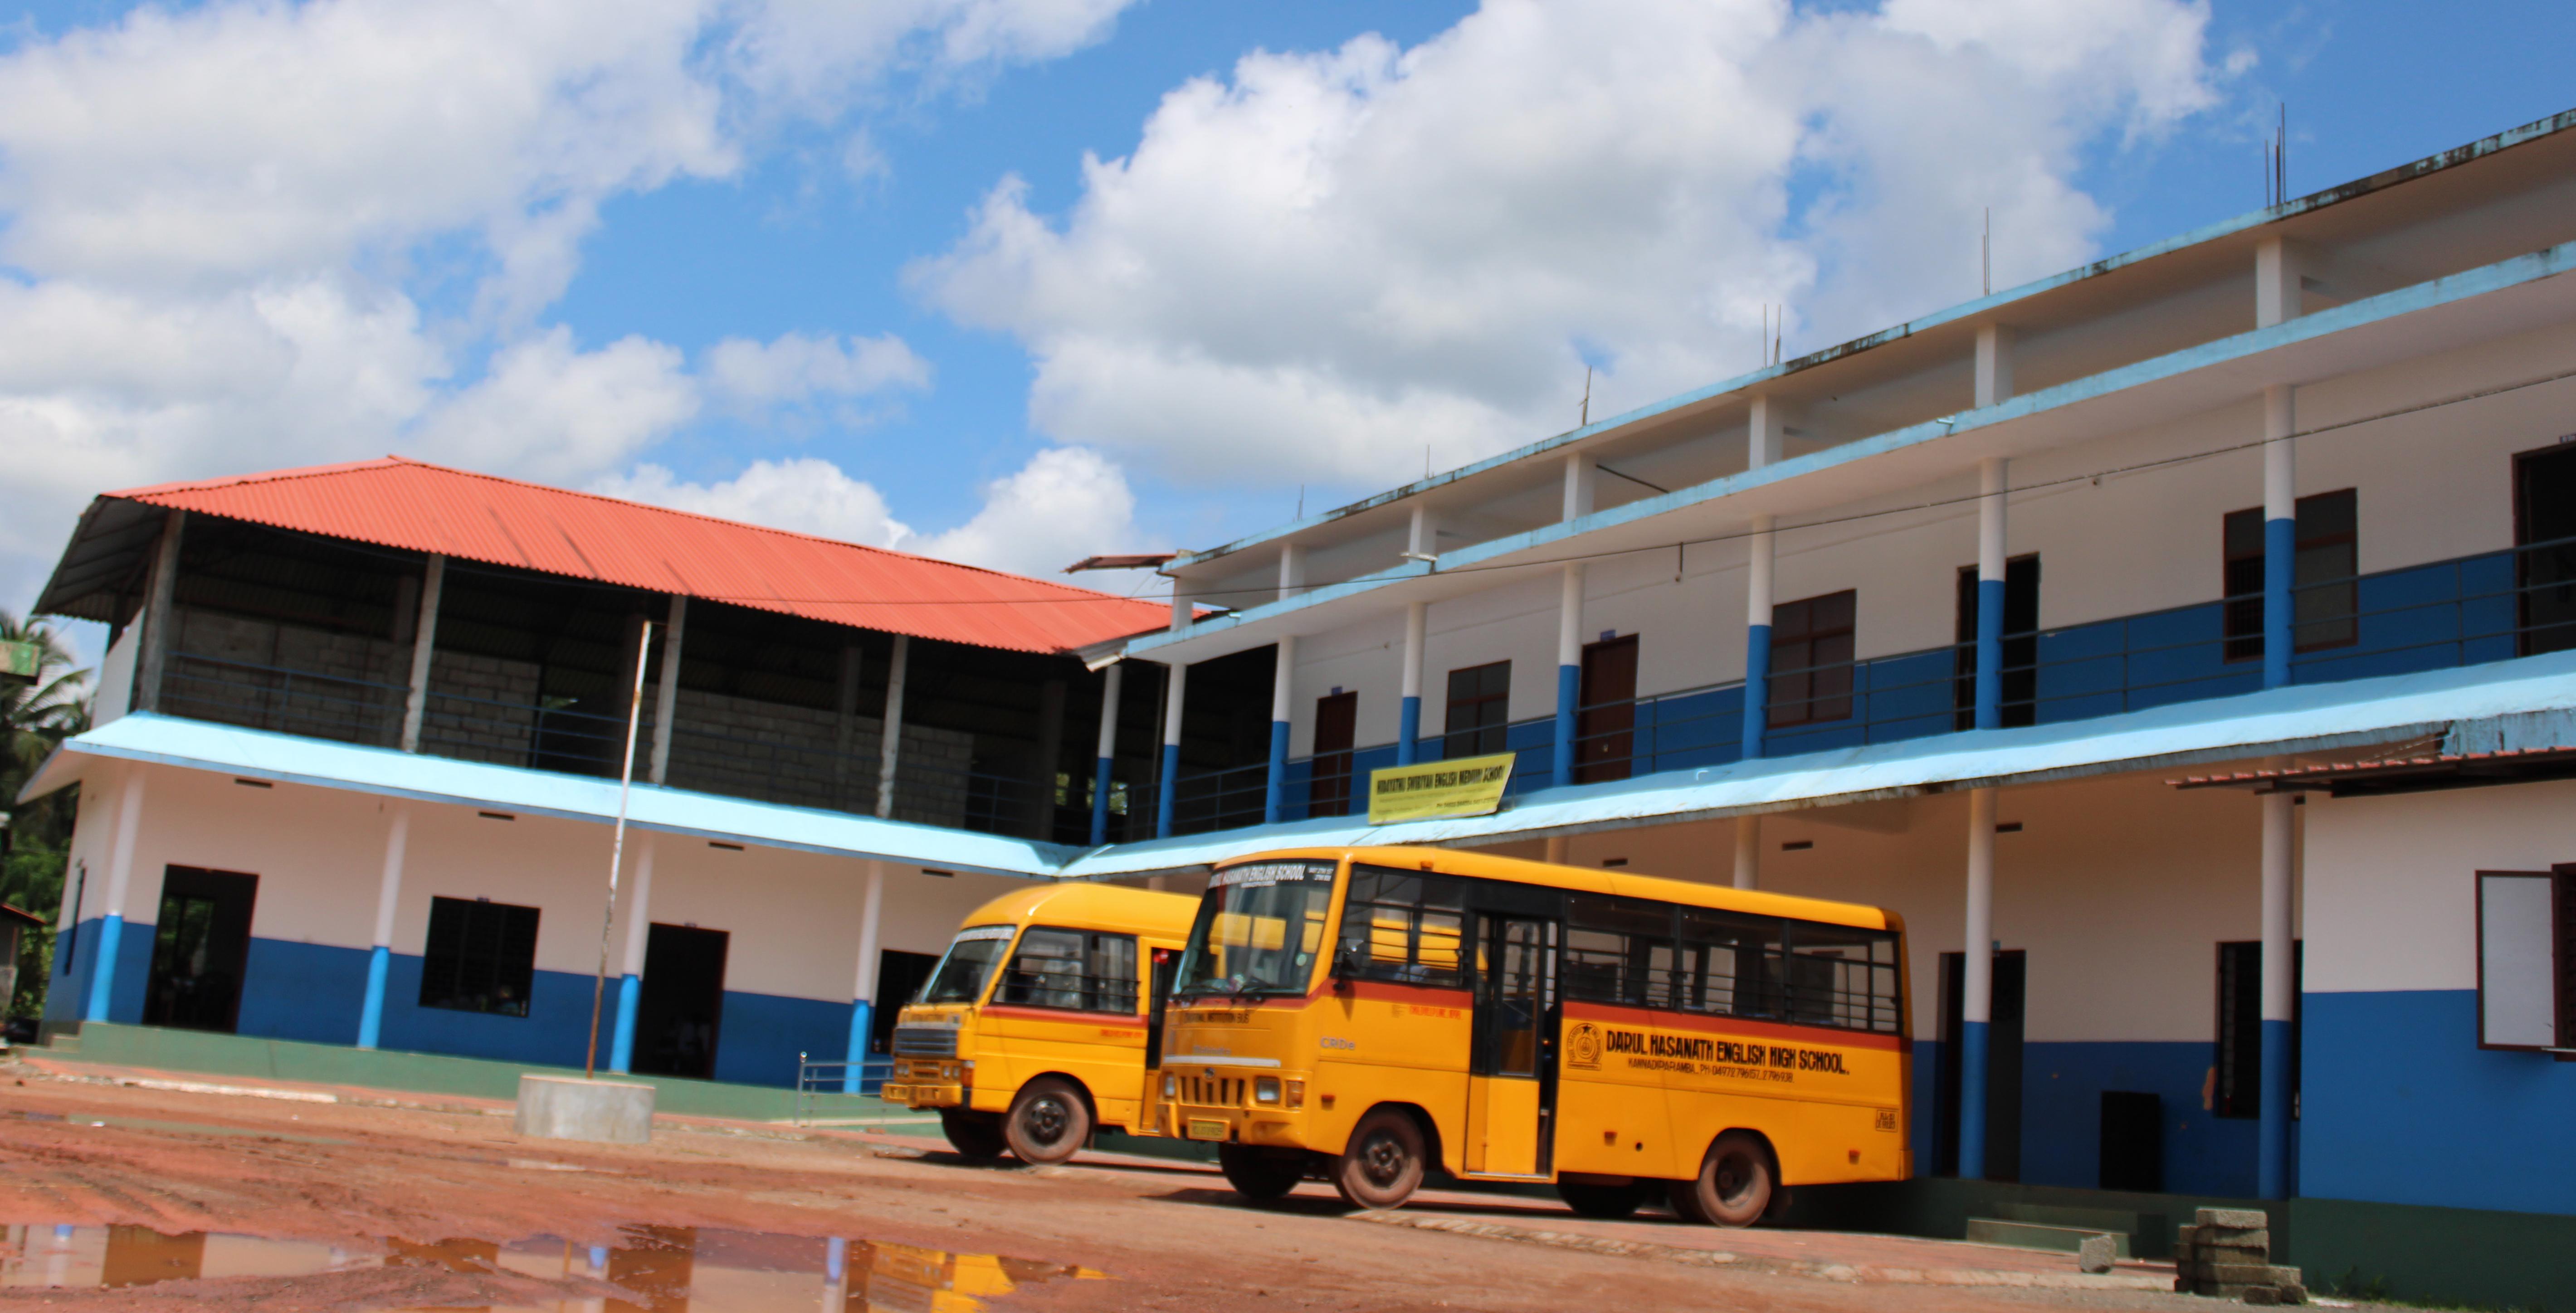 HIDAYATHUL SWIBYAN ENGLISH MEDIUM SCHOOL